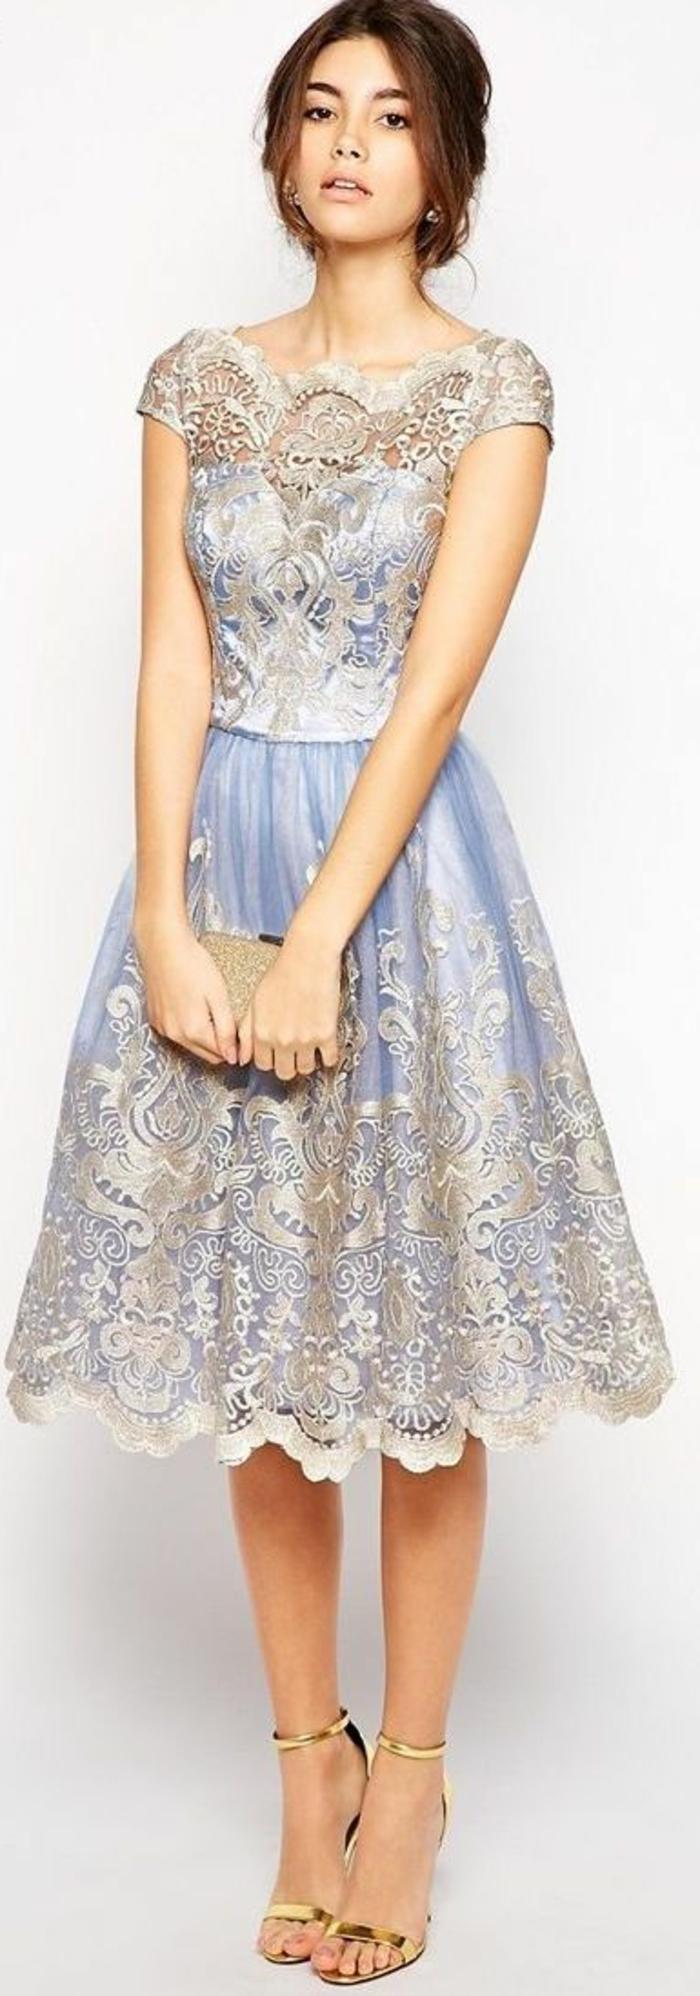 une-jolie-robe-dentelle-bleu-beige-en-dentelle-avec-robe-de-soirée-courte